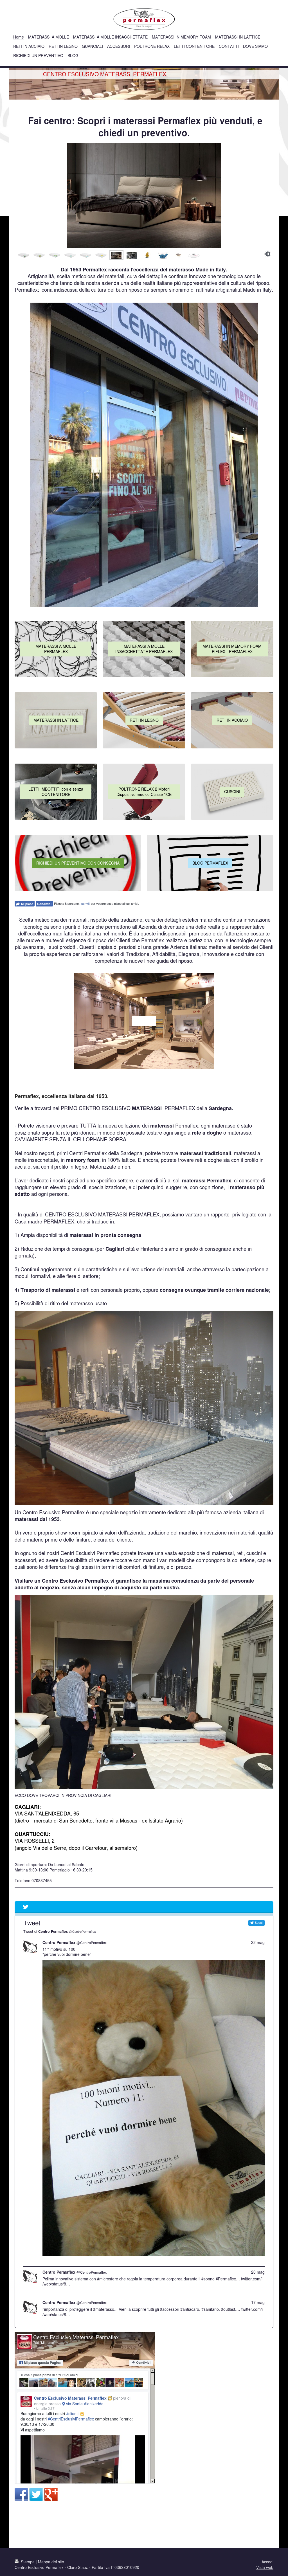 Permaflex Materassi.Centro Esclusivo Materassi Permaflex Competitors Revenue And